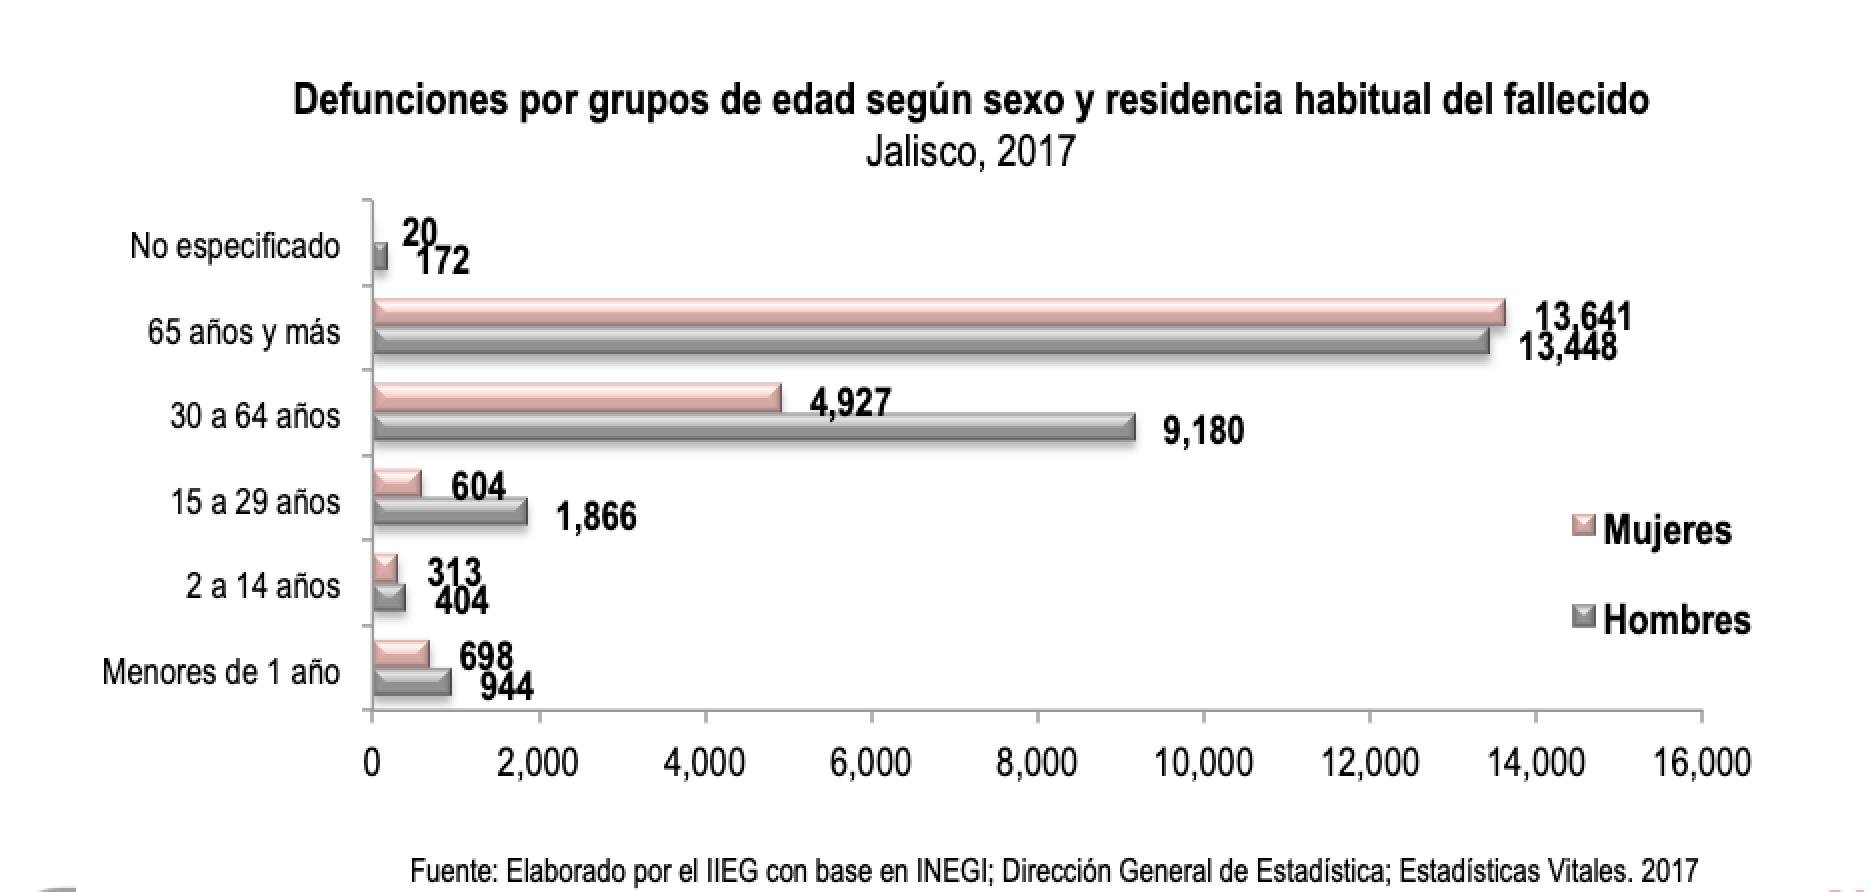 Defunciones por grupos de edad según sexo y residencia habitual del fallecido. Jalisco, 2017